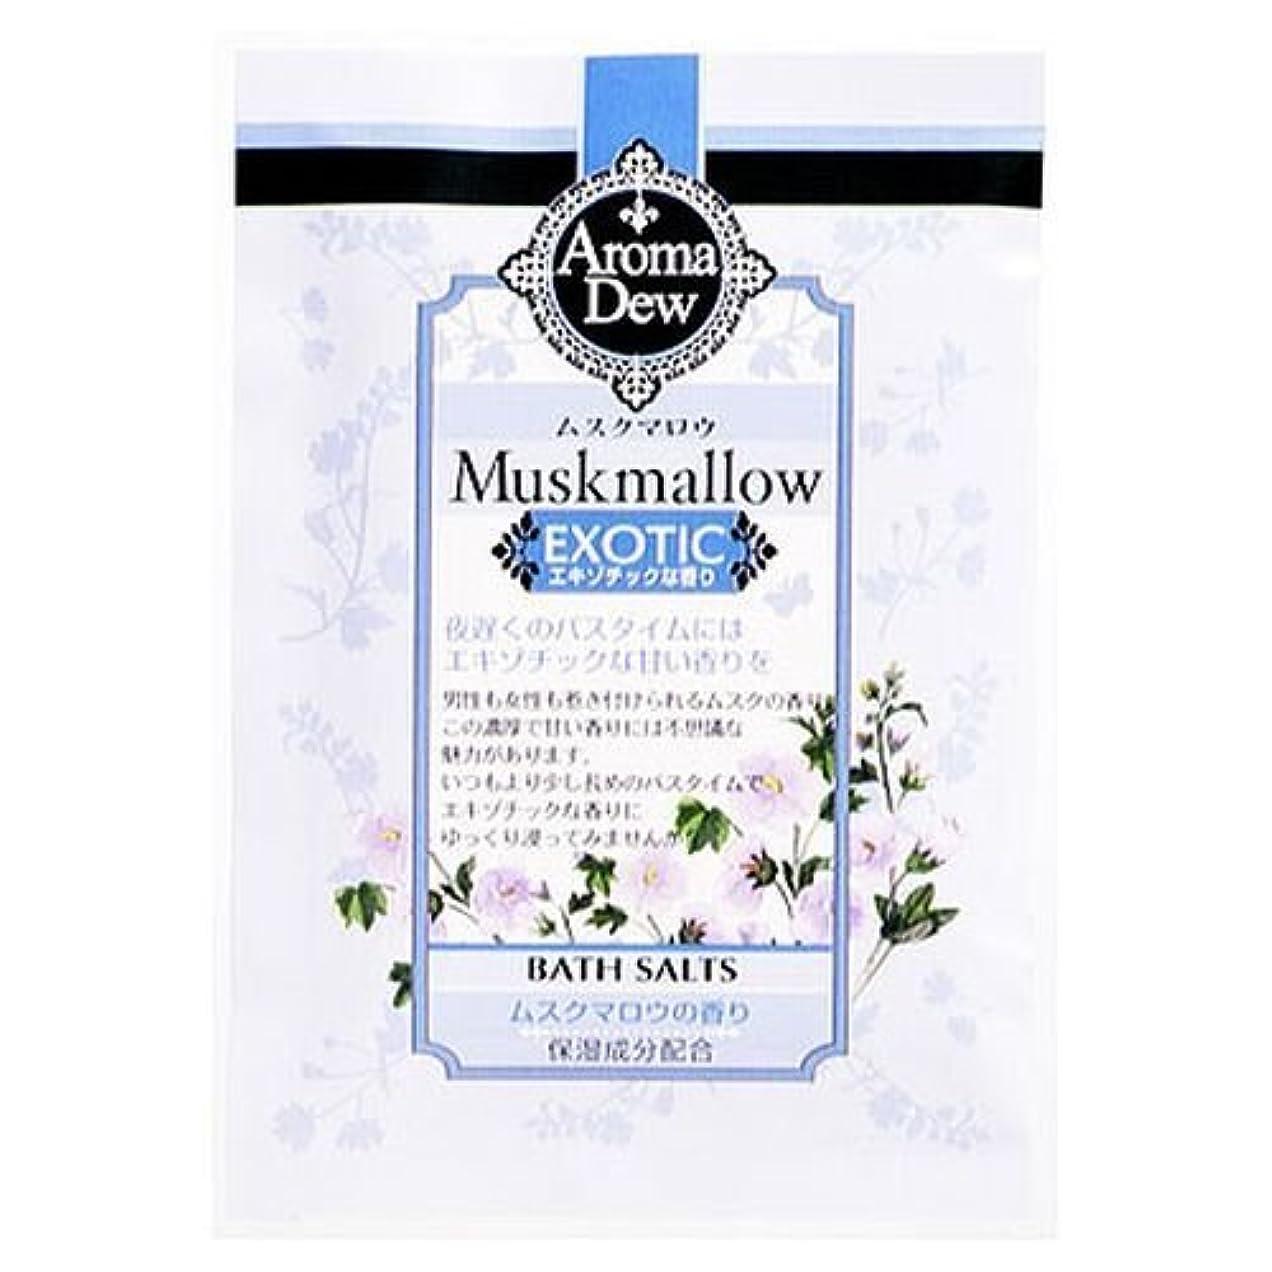 ガウン買う大邸宅クロバーコーポレーション アロマデュウ バスソルト ムスクマロウの香り ムスクマロウ